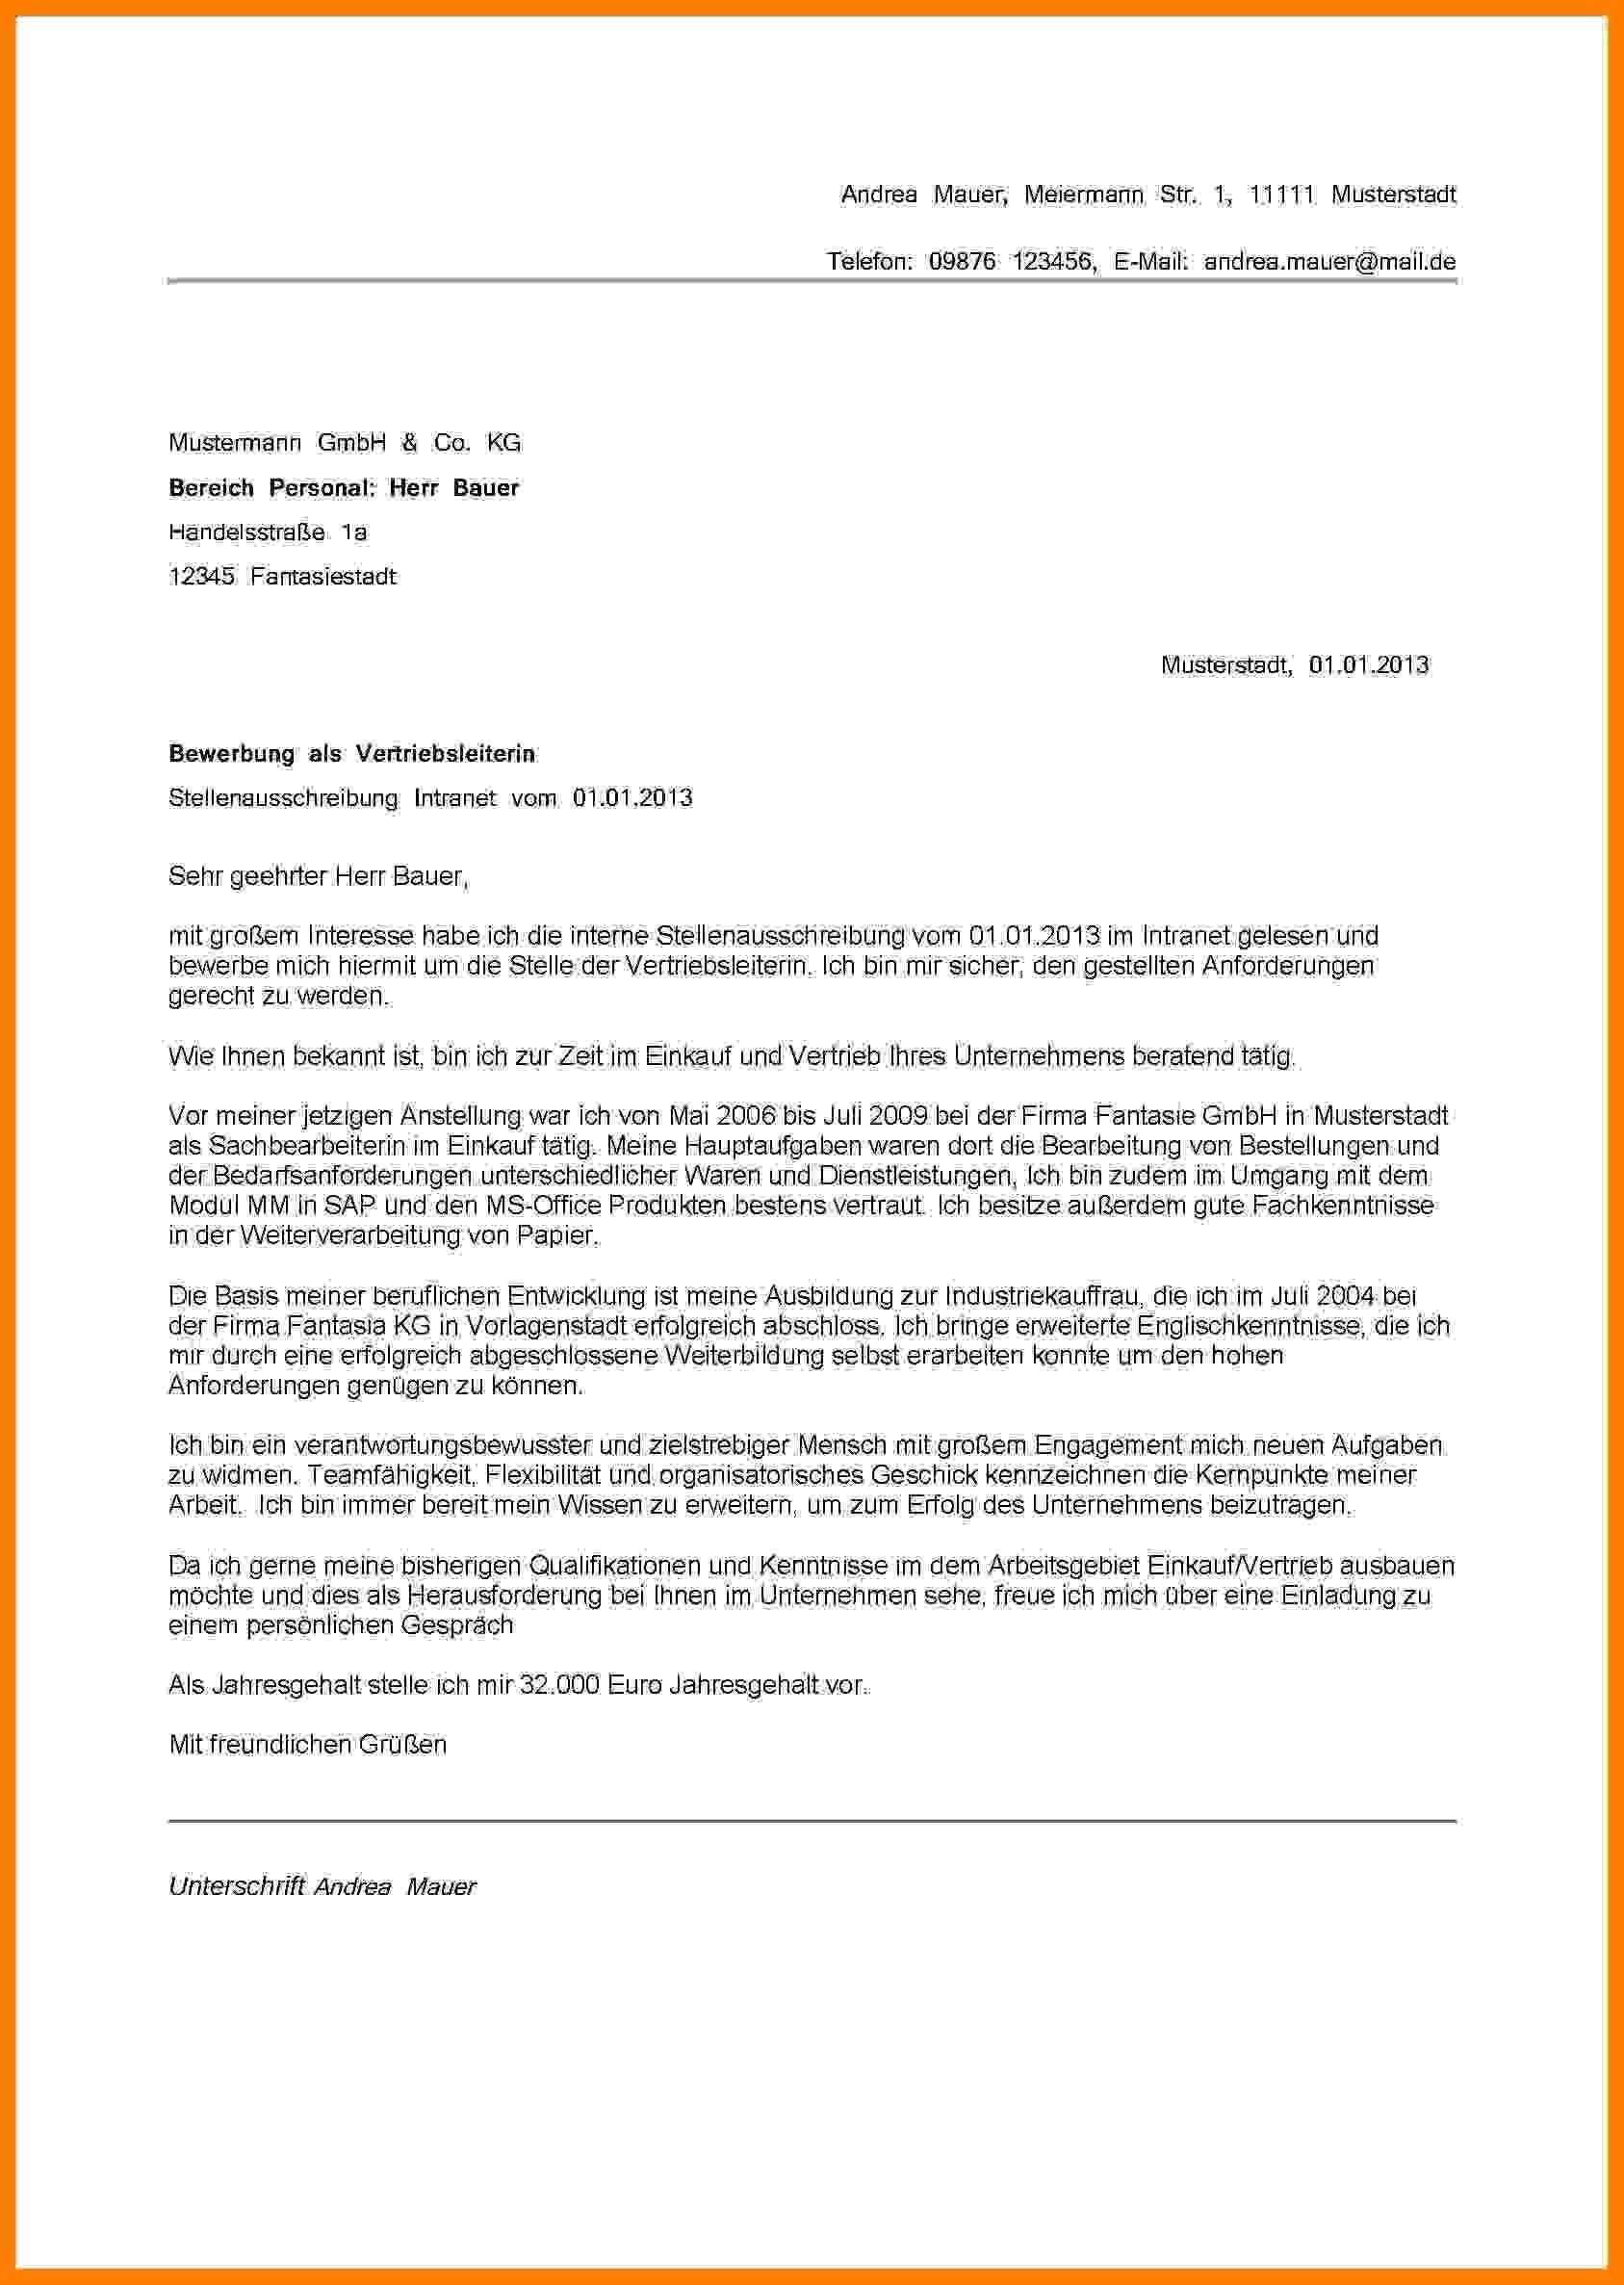 Neu Bewerbung Als Produktionshelfer Briefprobe Briefformat Briefvorlage Bewerbungsschreiben Bewerbung Schreiben Bewerbung